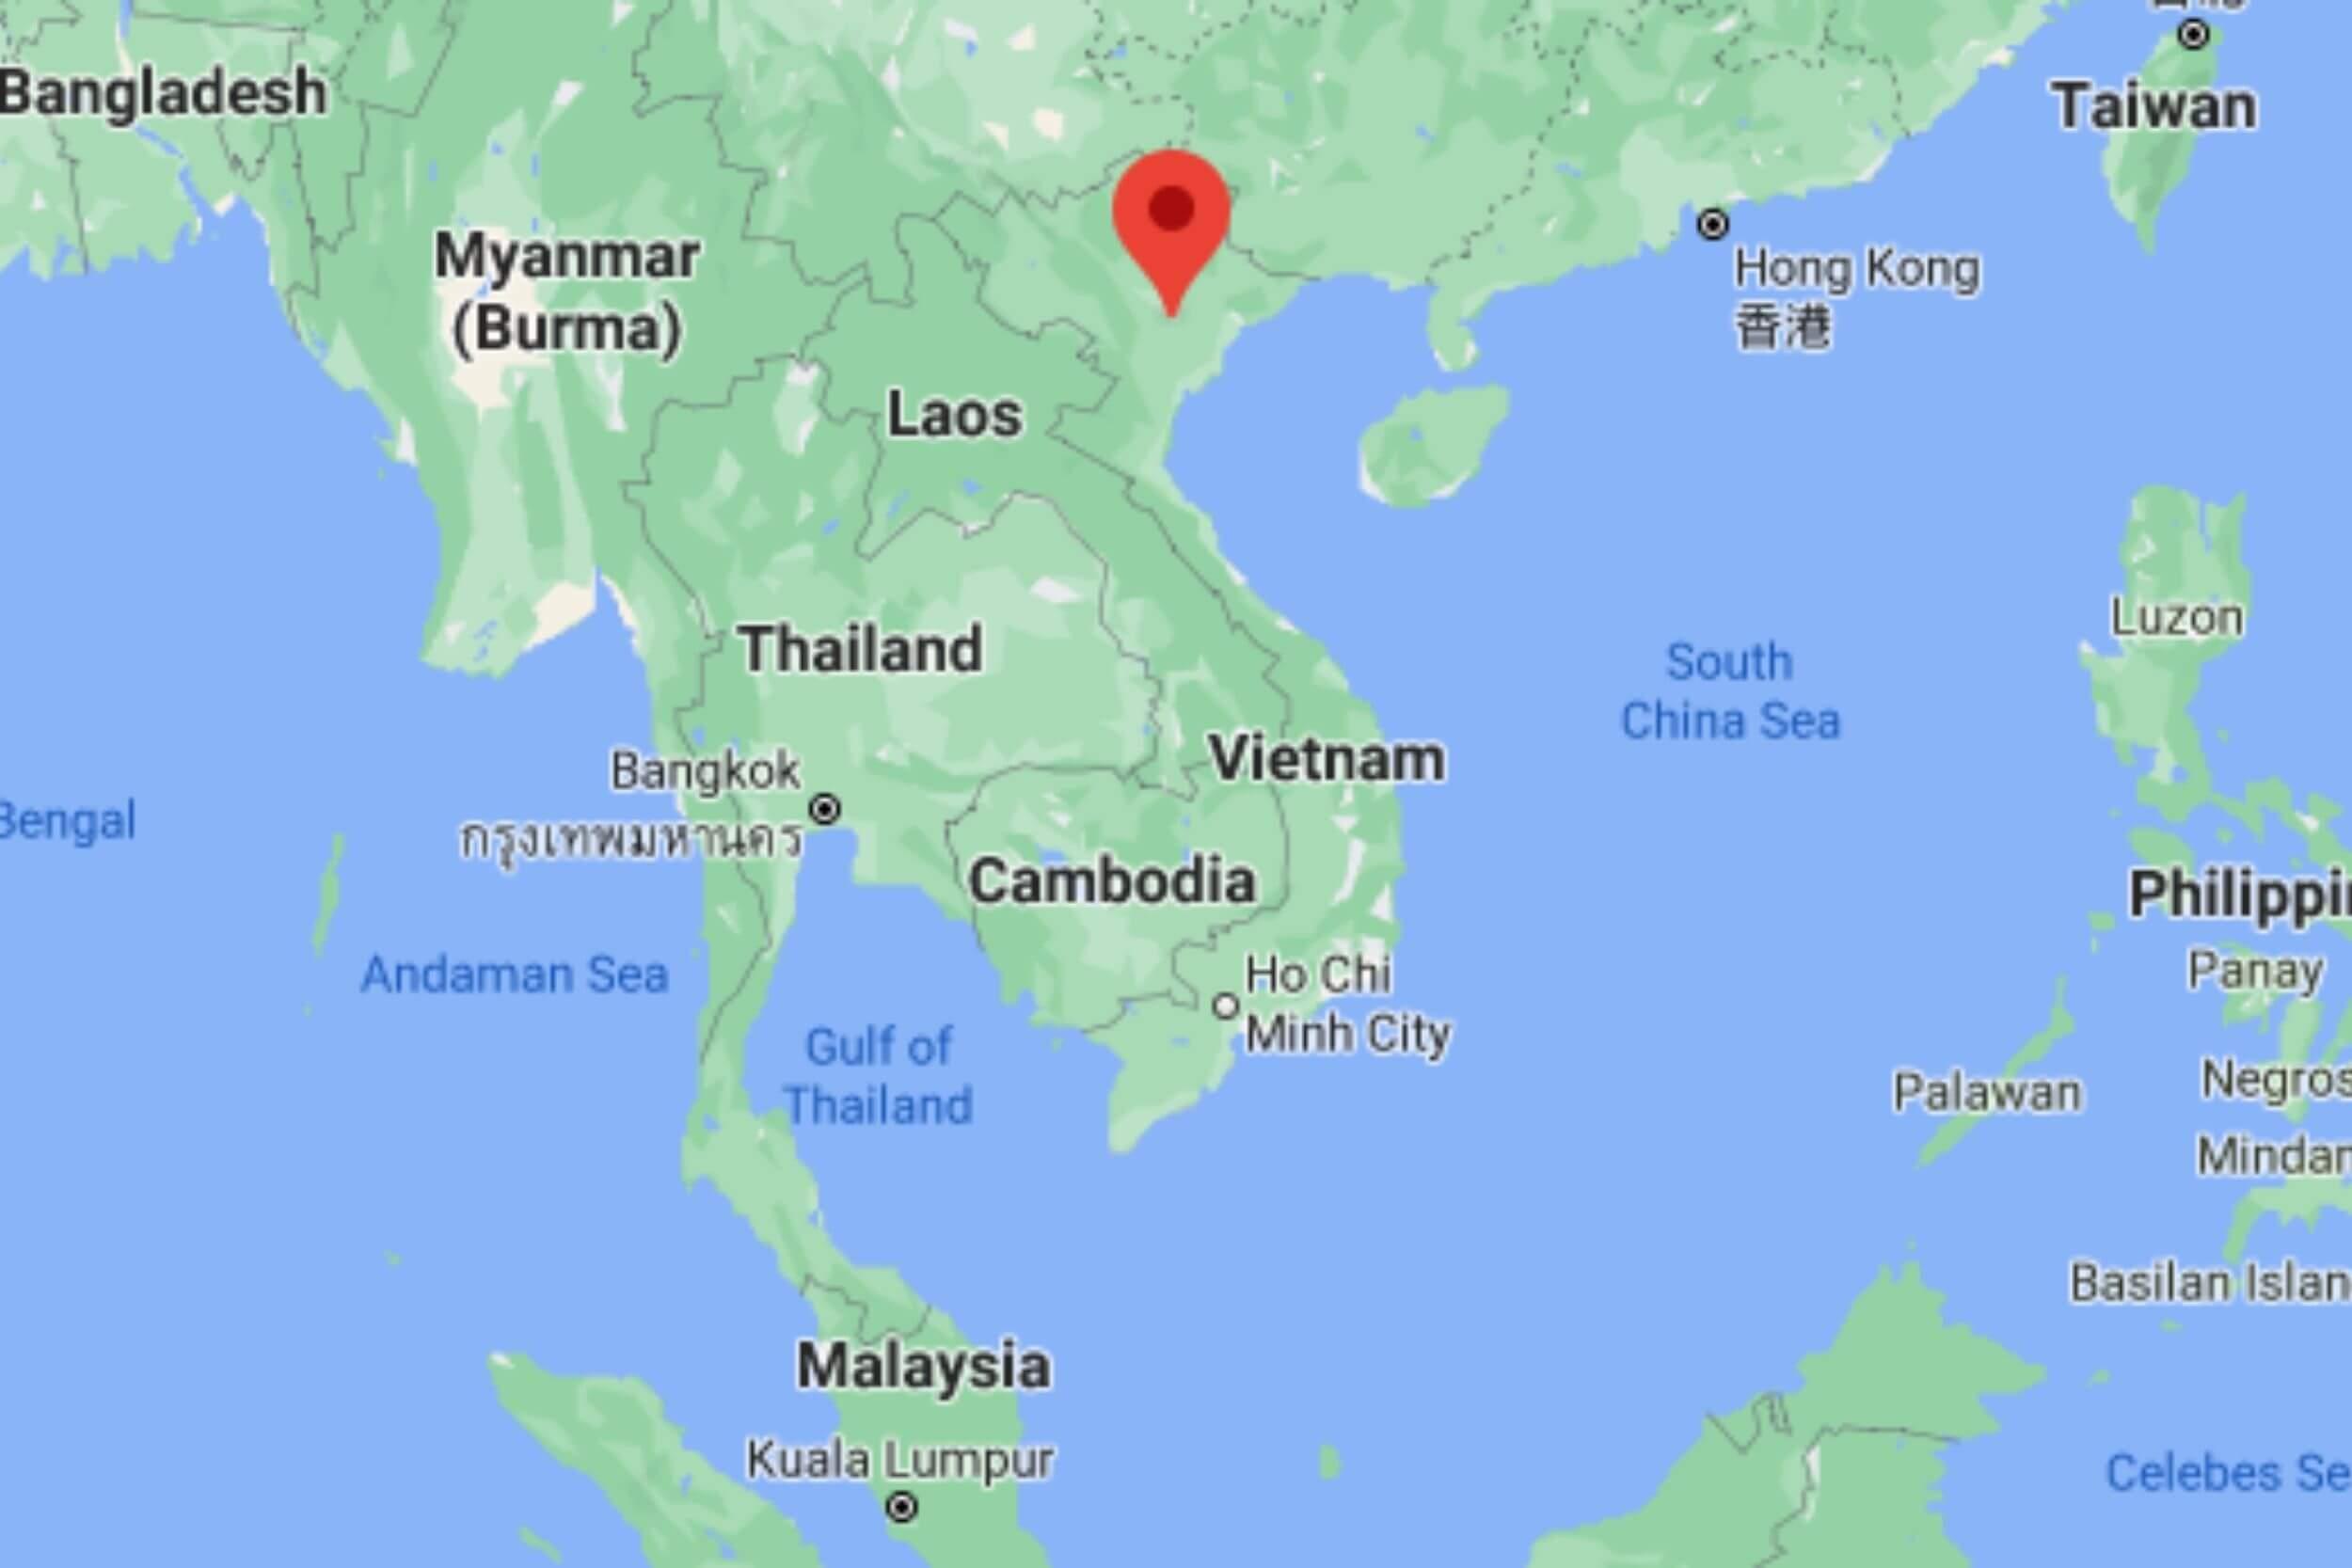 Hanoi, Vietnam on map